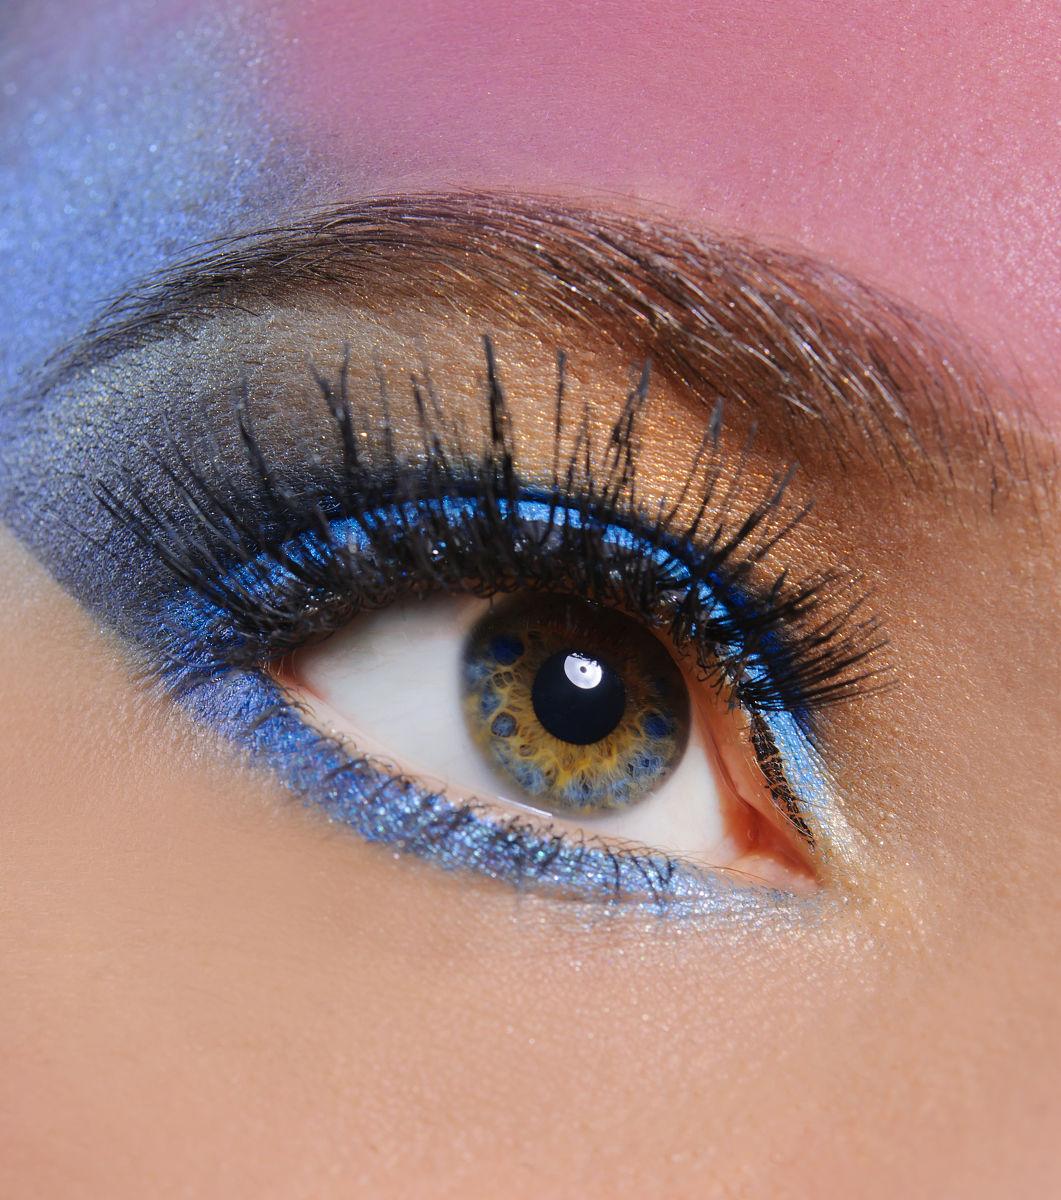 人,女性,垂直画幅,淡褐色眼睛,眼影,眉毛,美,睫毛,美女,彩妆,眼妆品图片